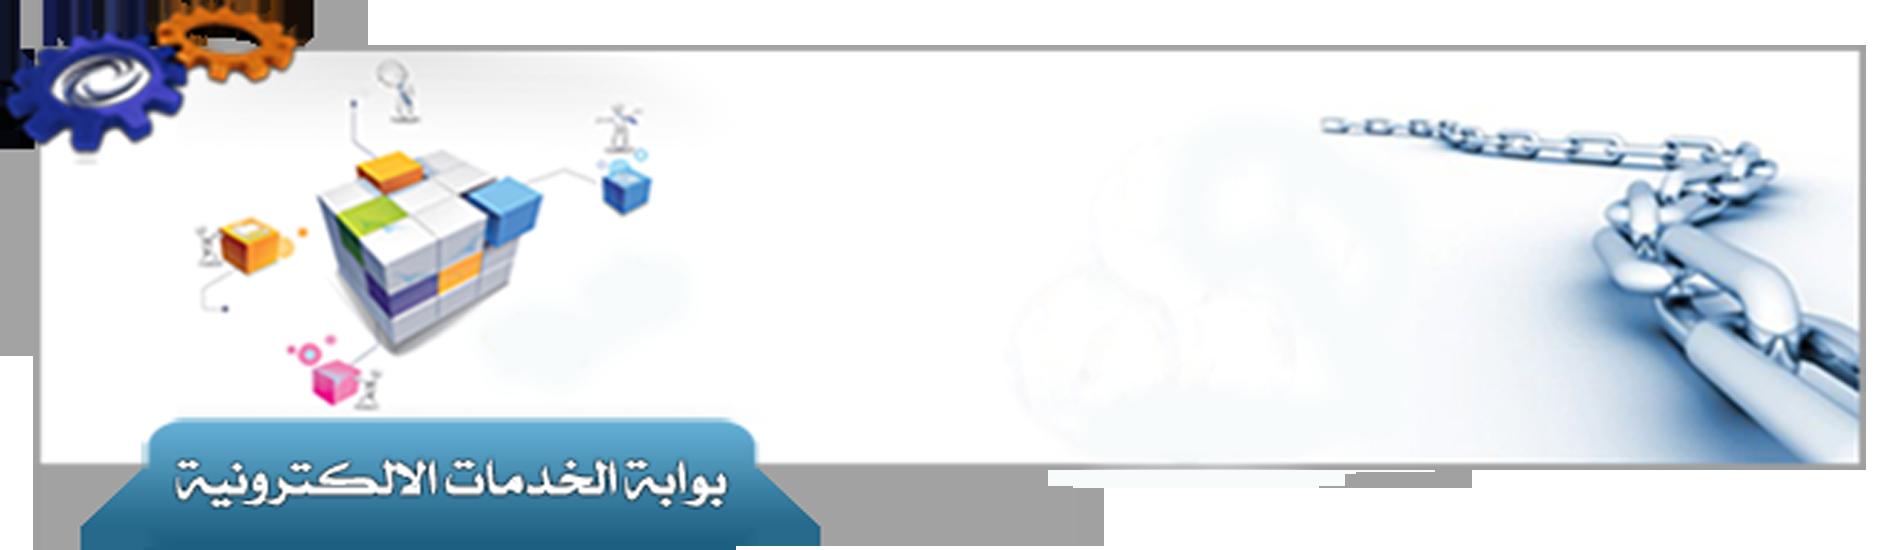 بوابة الخدمات الالكترونية عمادة الدراسات العليا